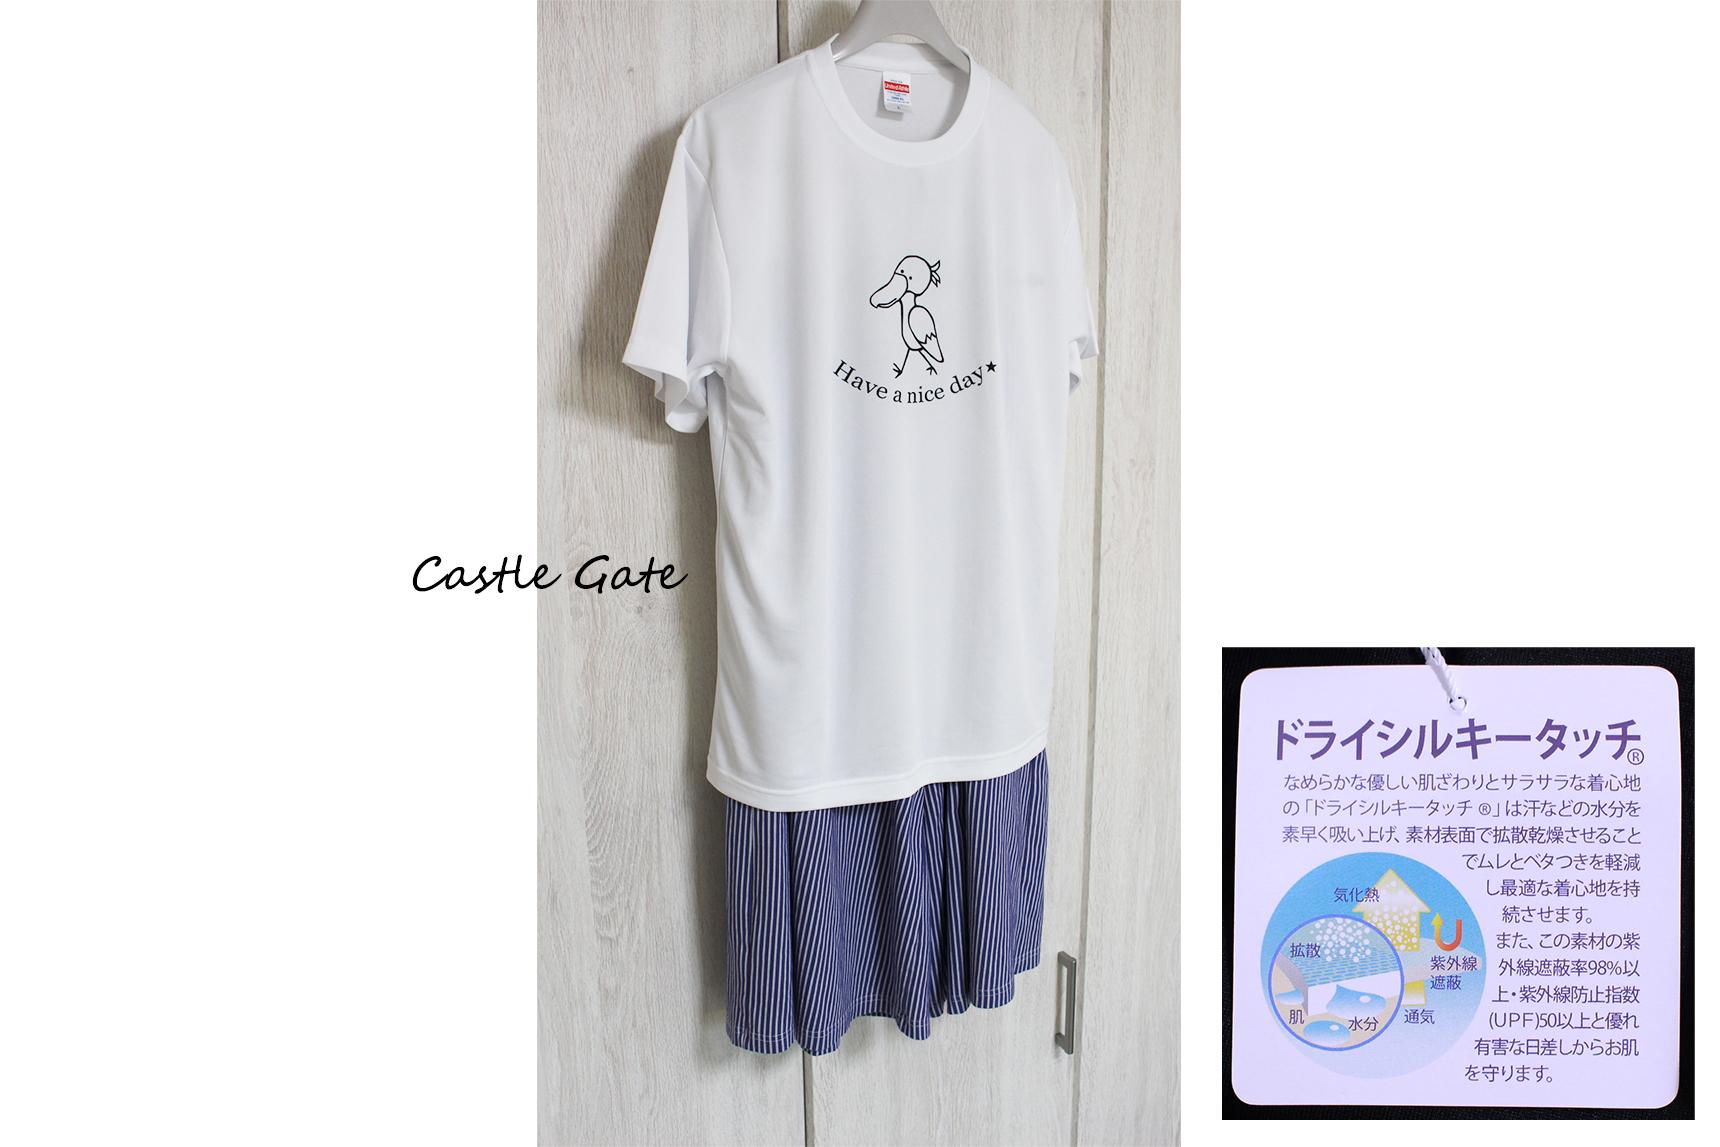 まるでシルクのような着心地!吸汗速乾&UVカットTシャツのご紹介!